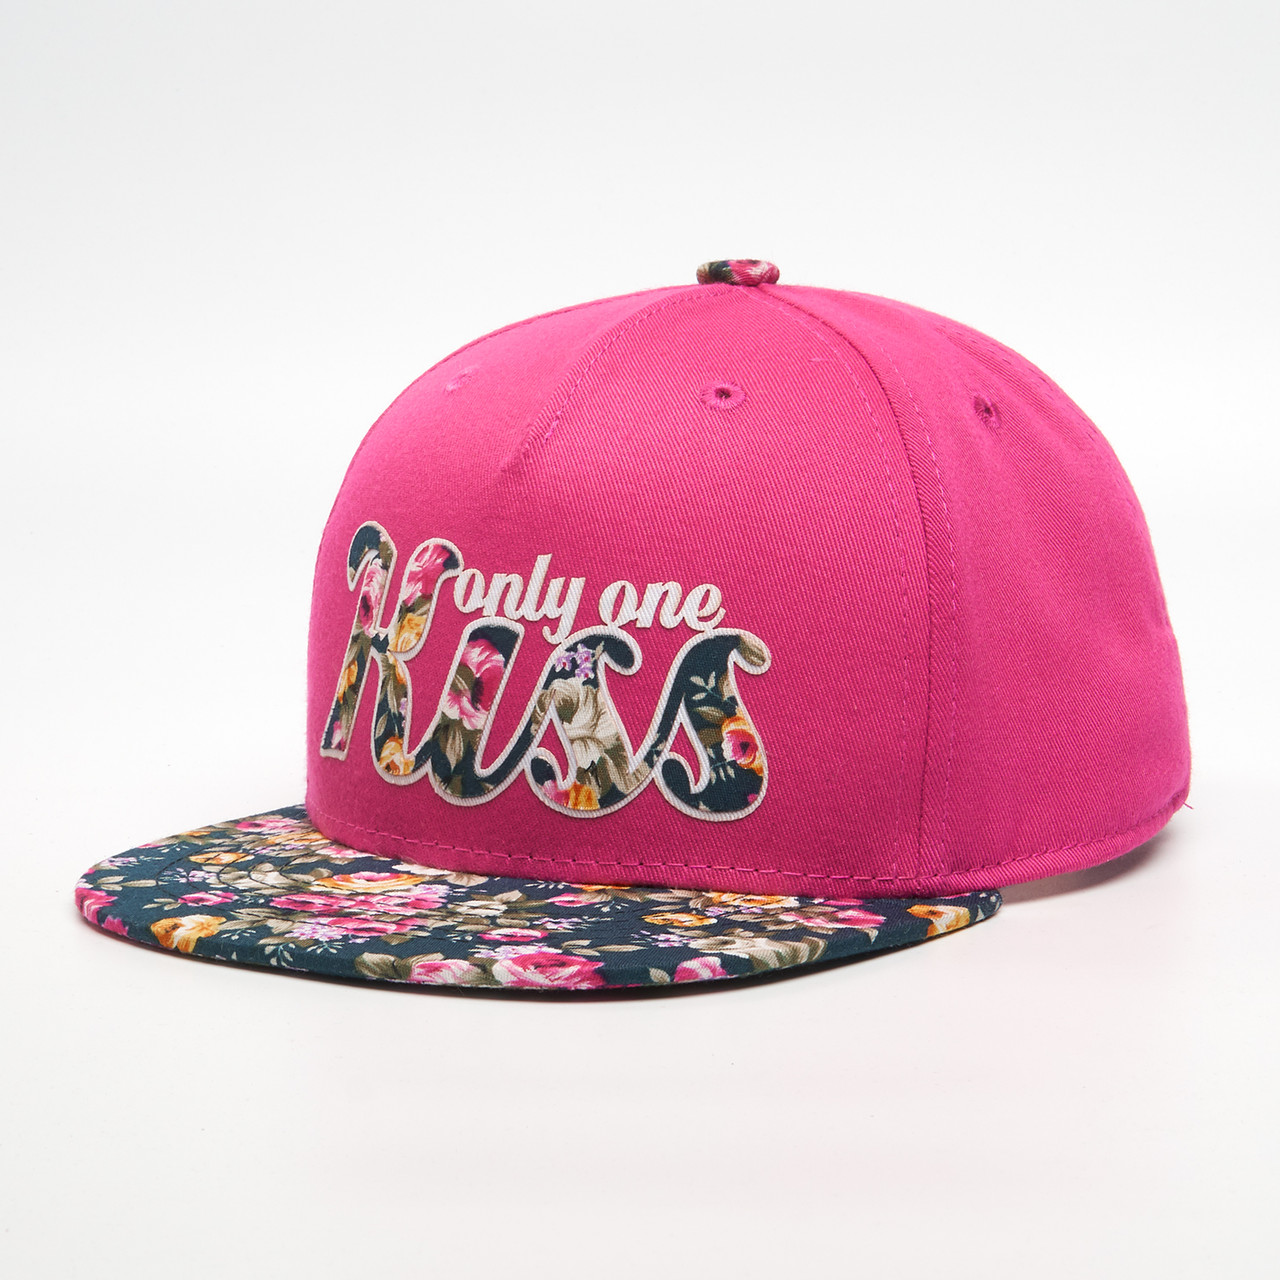 Детская кепка бейсболка для девочки 3-16 лет INAL kiss XS / 51-52 RU Малиновый 45251